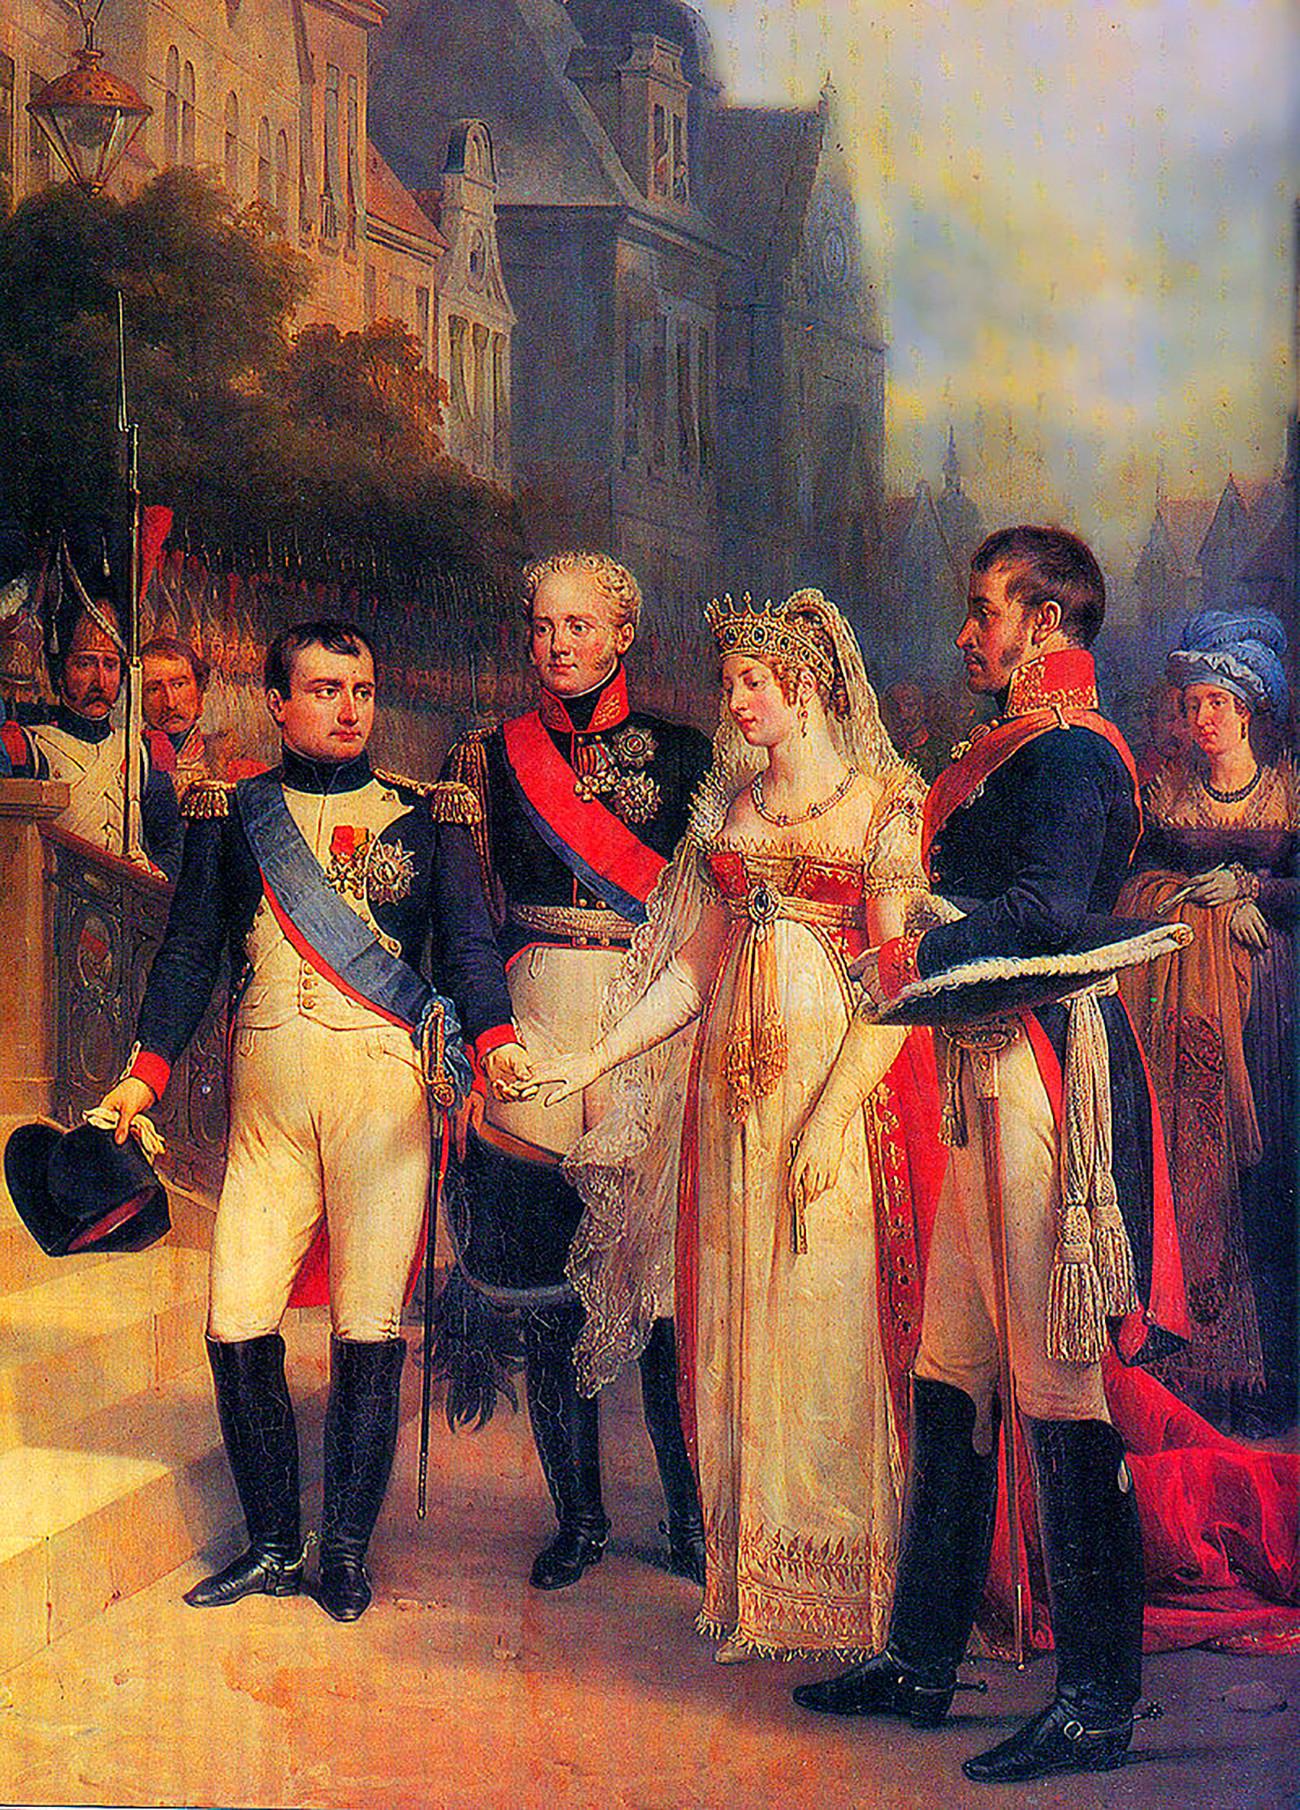 Тильзитское свидание, 1807: Наполеон I, Александр I, Луиза Прусская, Фридрих Вильгельм III.